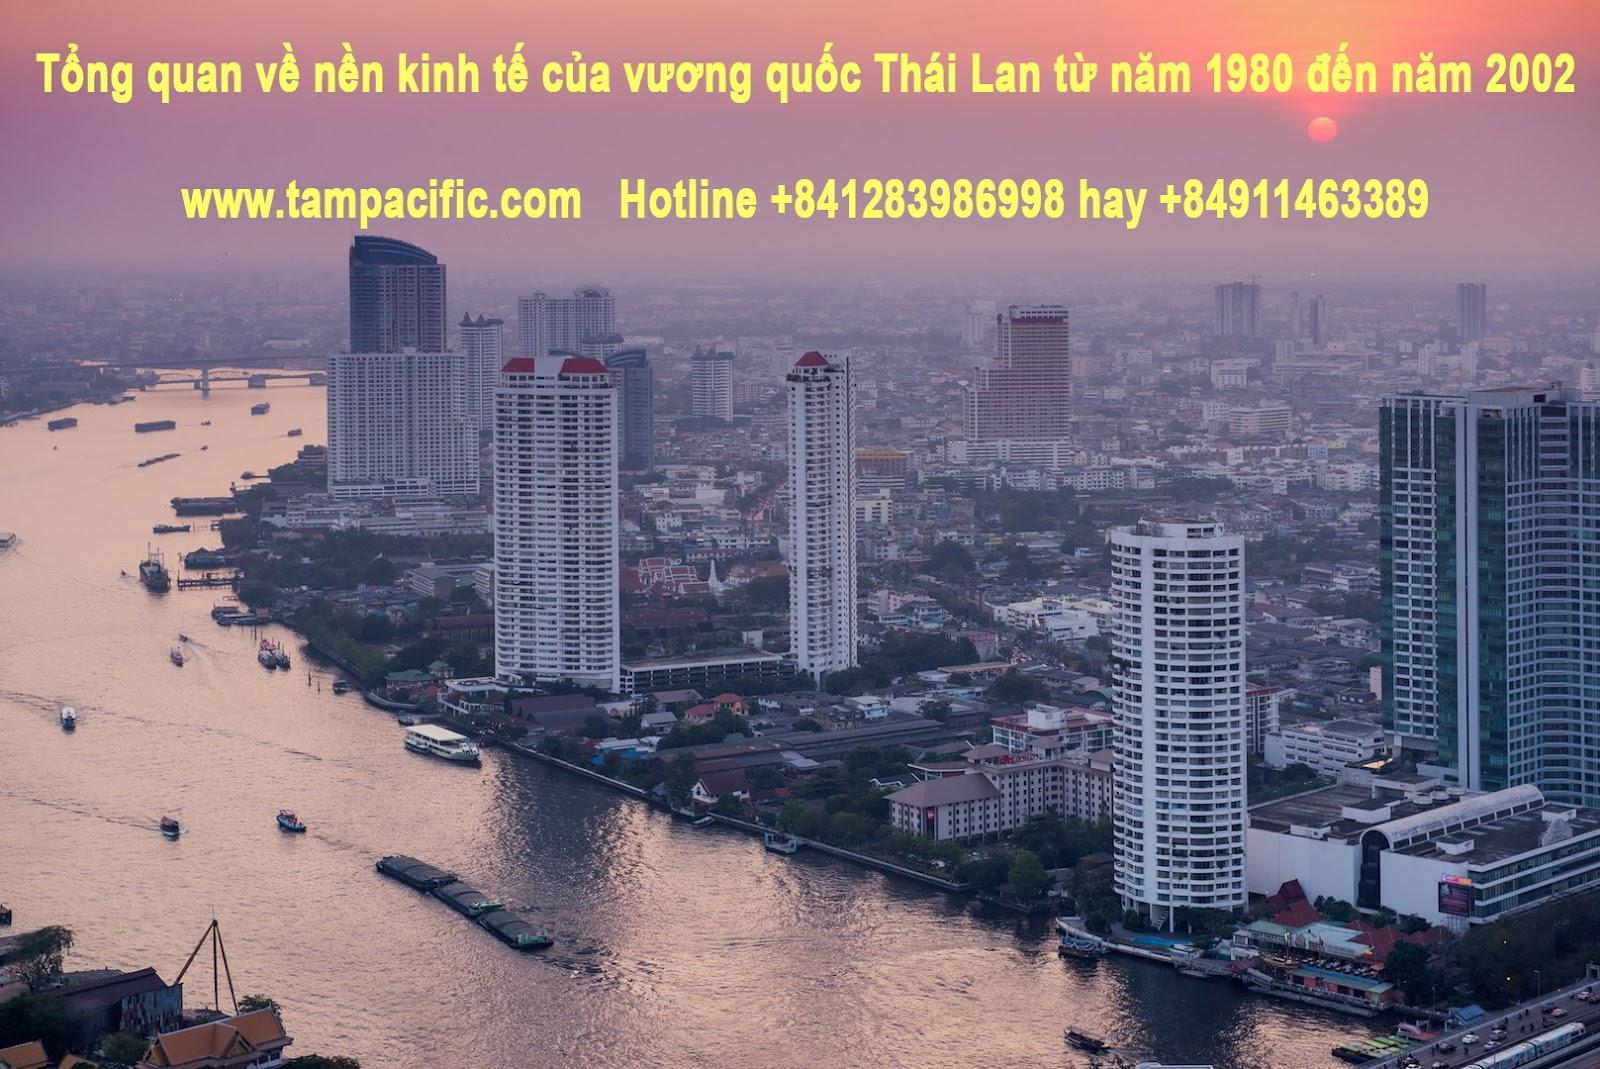 Tổng quan về nền kinh tế của vương quốc Thái Lan